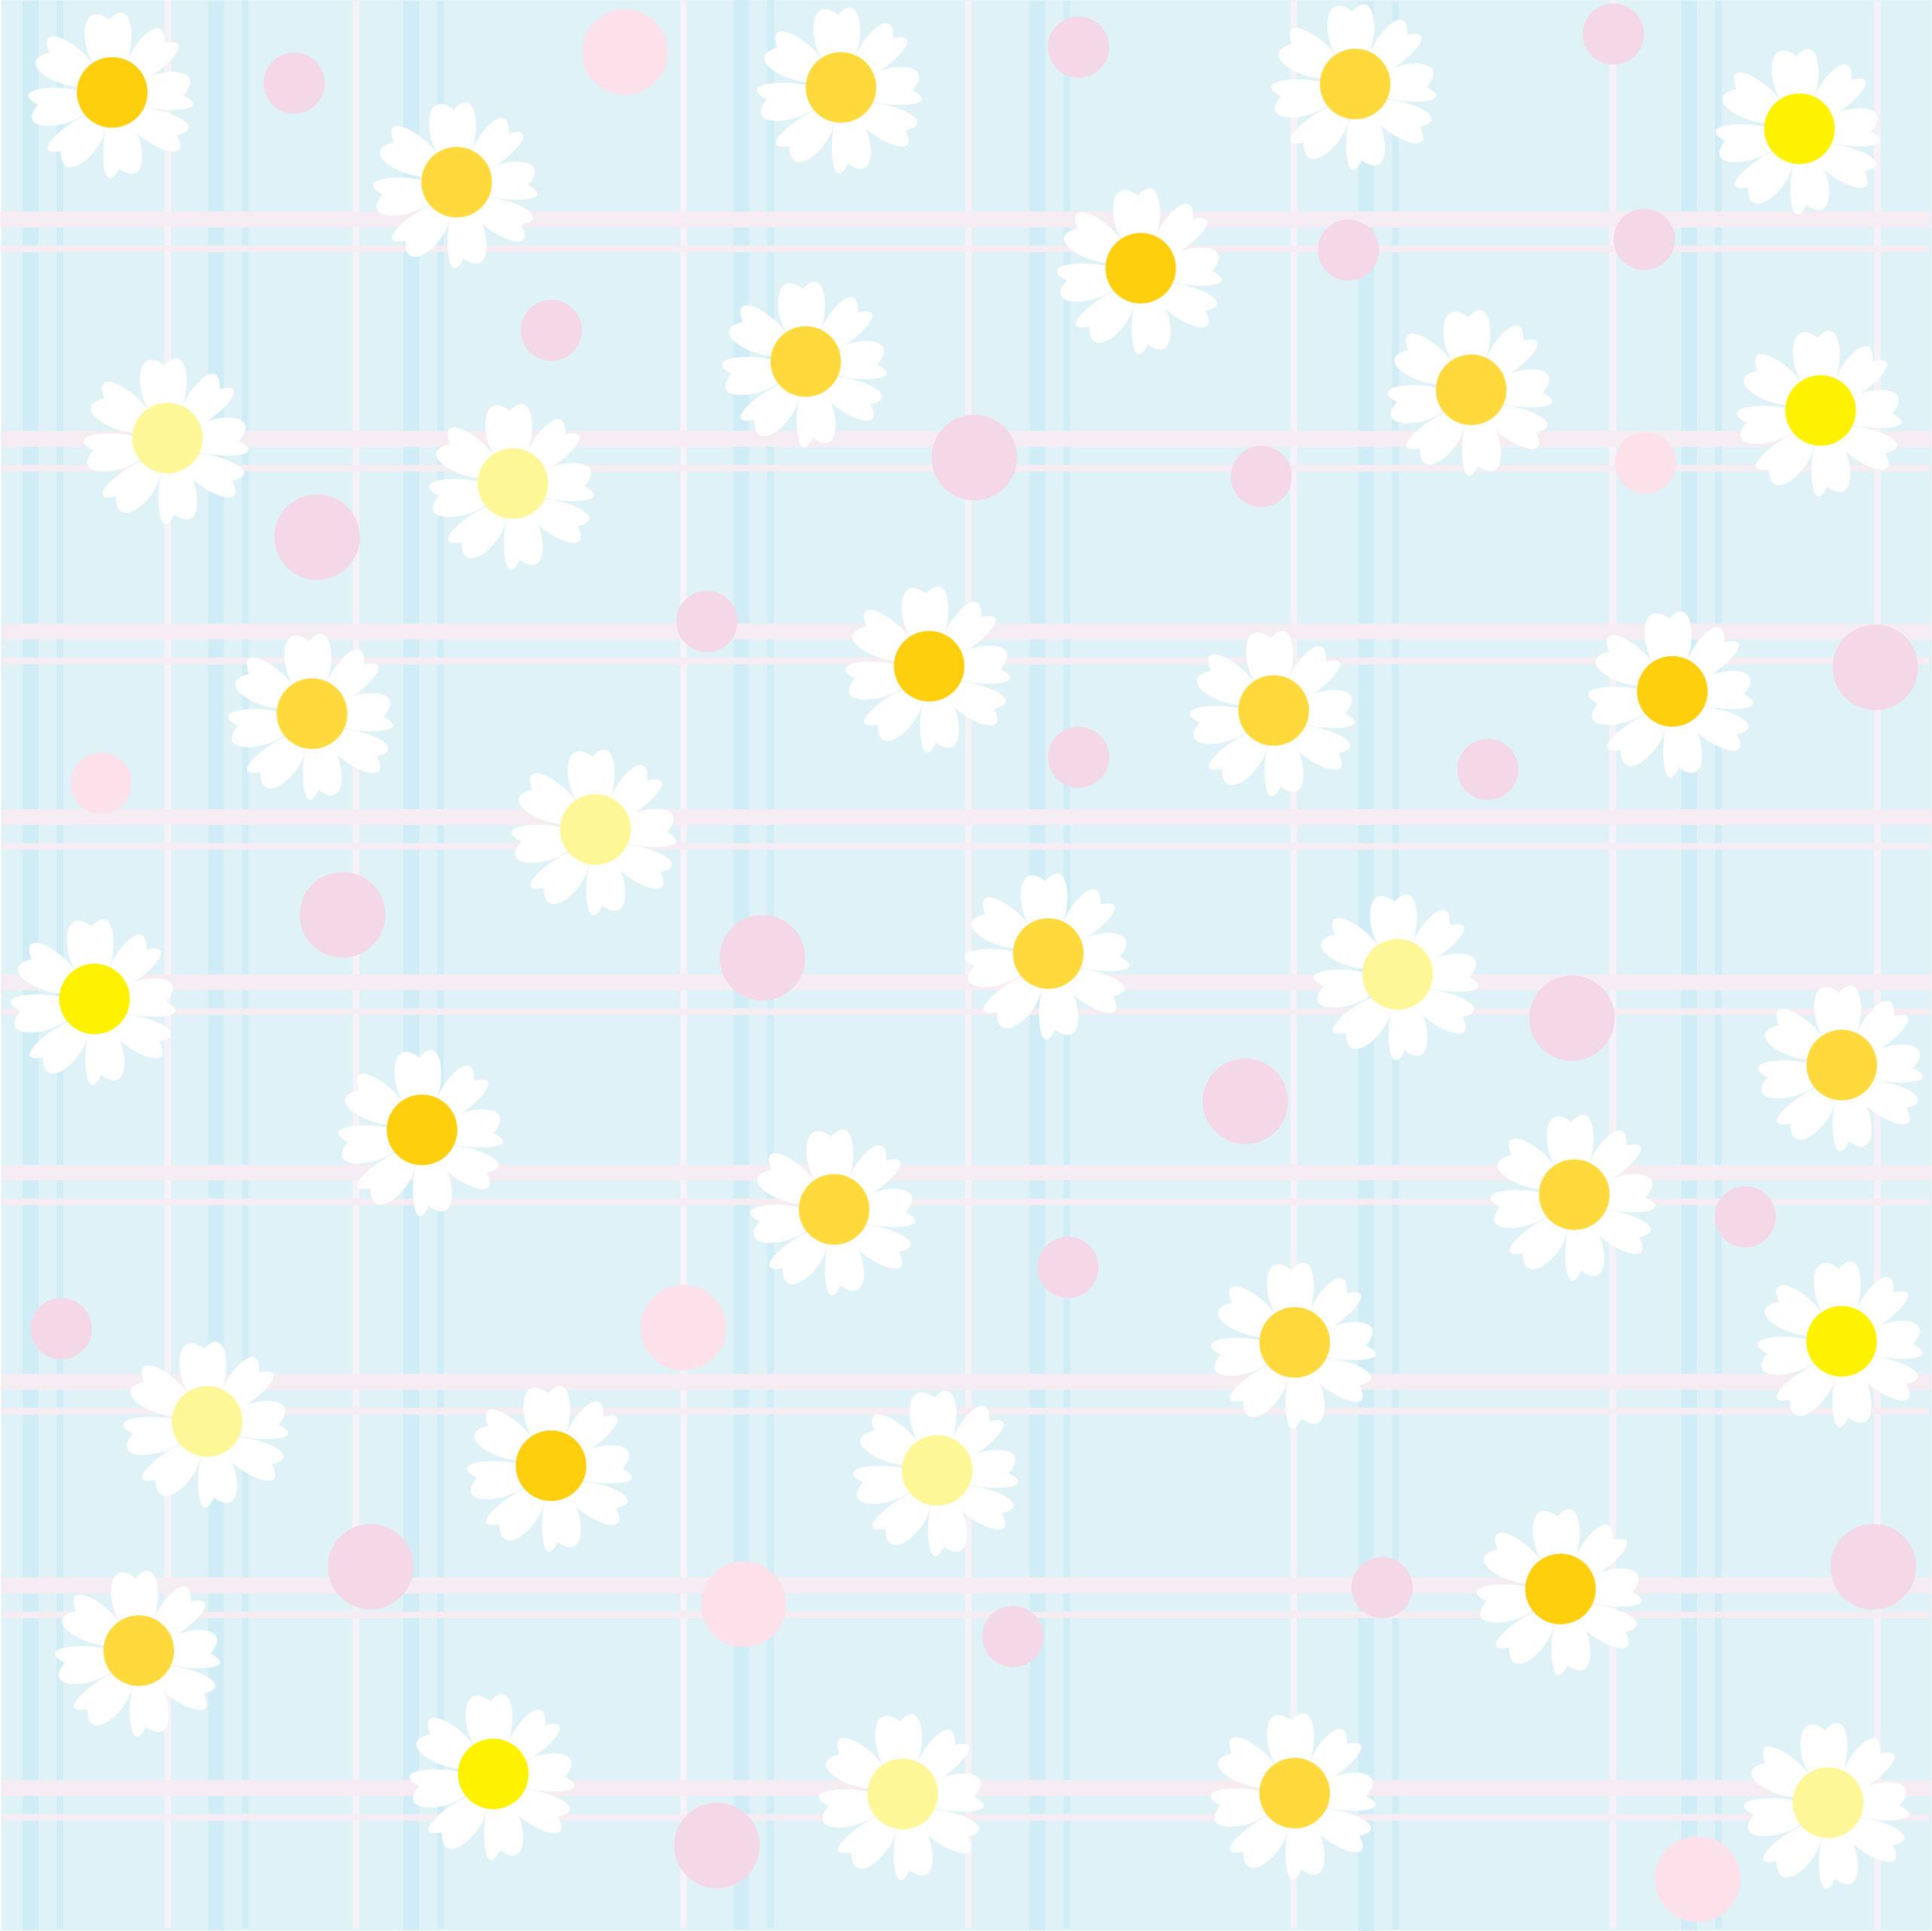 白いの花のイラスト・フリー素材/背景・壁紙no.330『白黄・青』